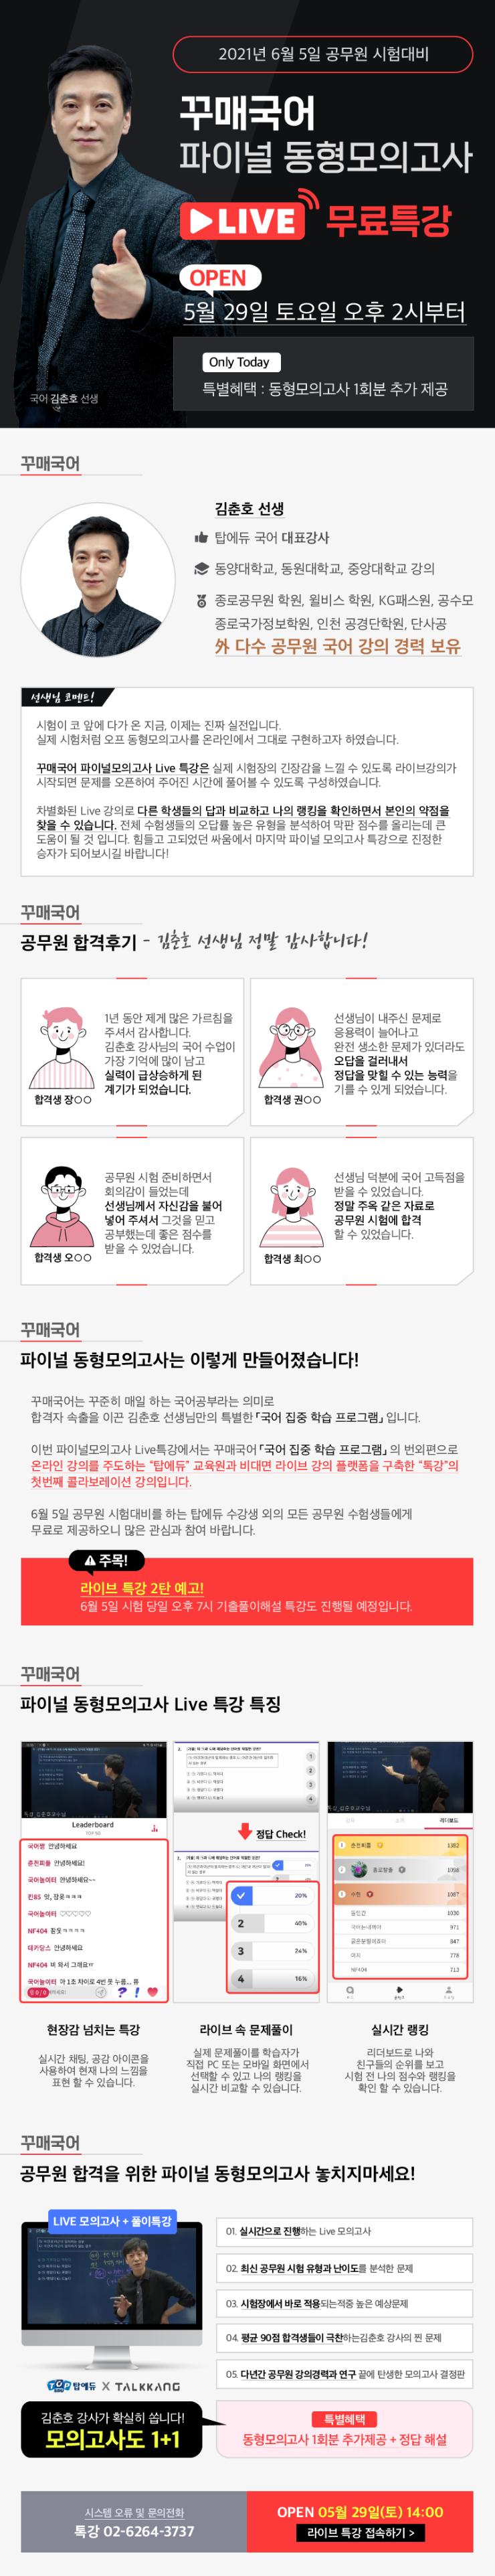 210517_꾸매국어_특강게시판 가이드라인 1.png